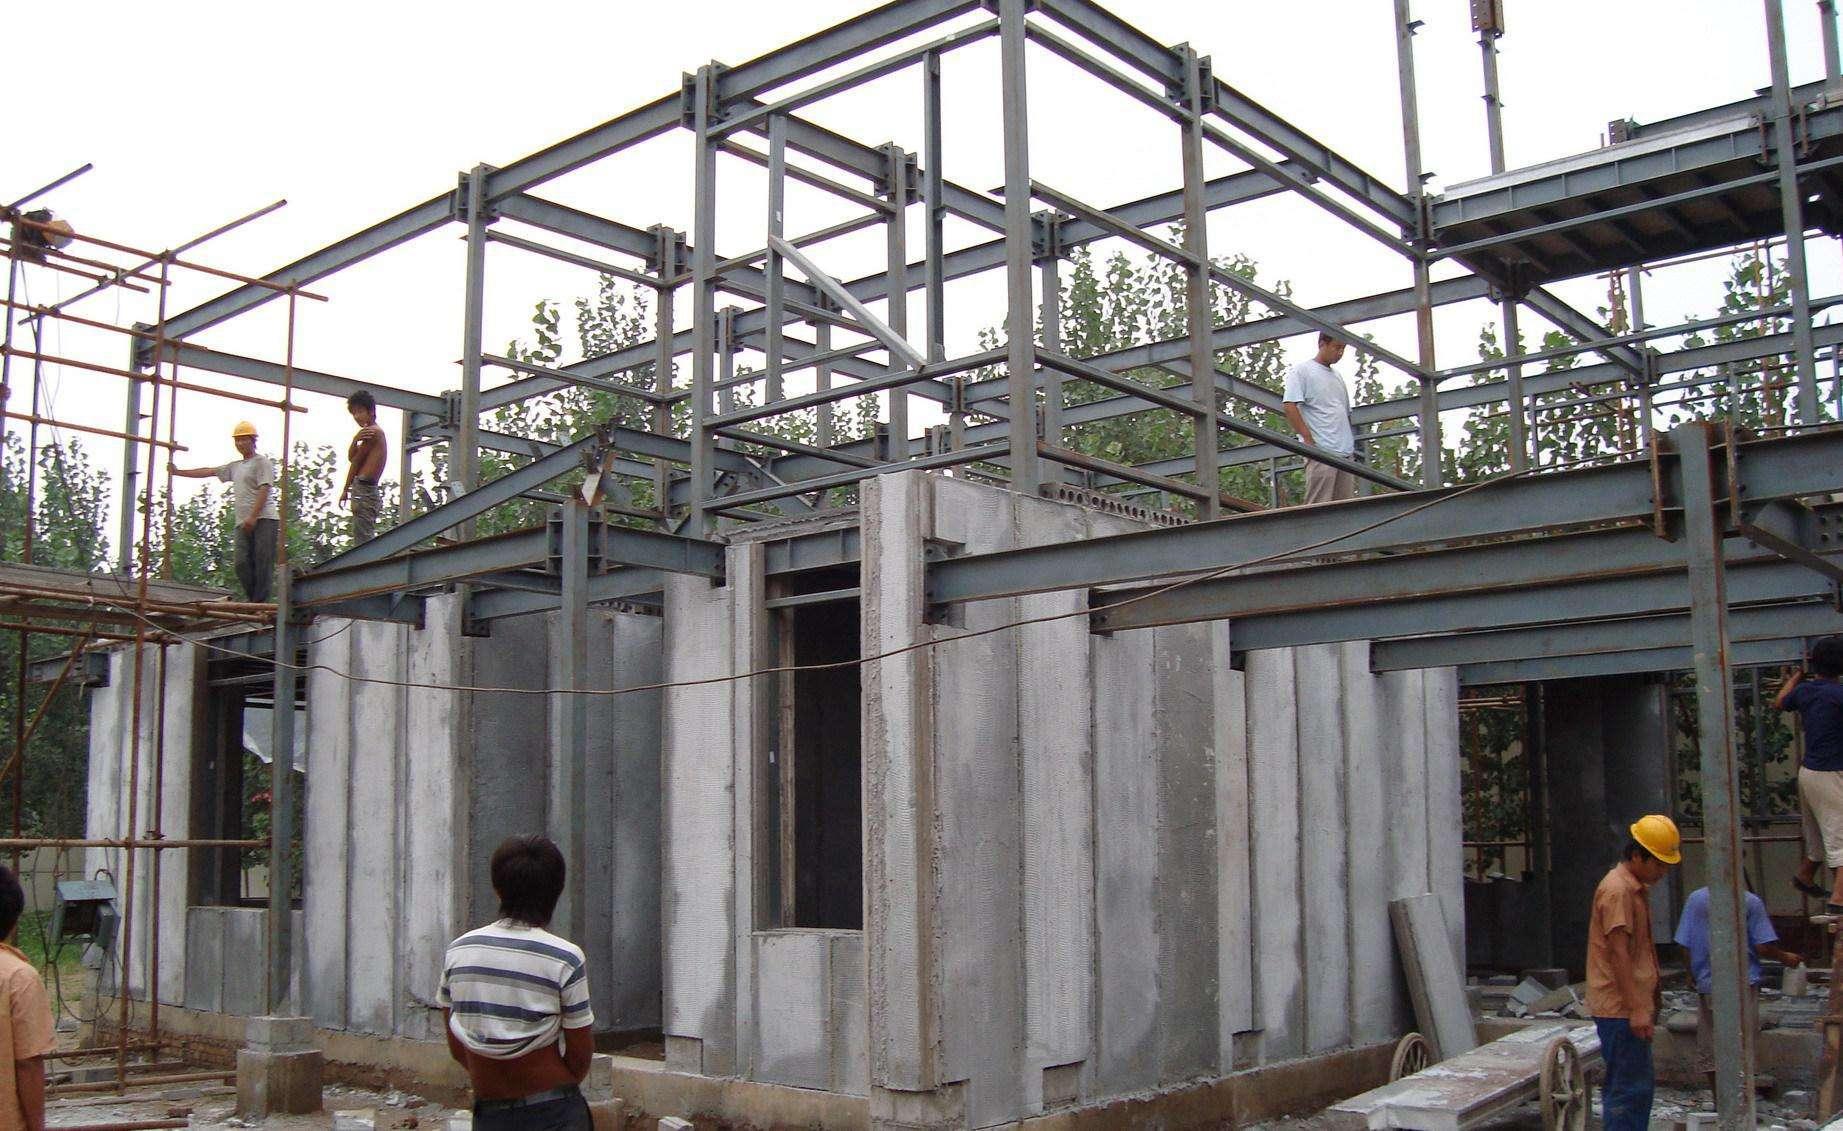 农村建筑倾斜屋顶混凝土方法,逐步浇筑混凝土屋顶过程